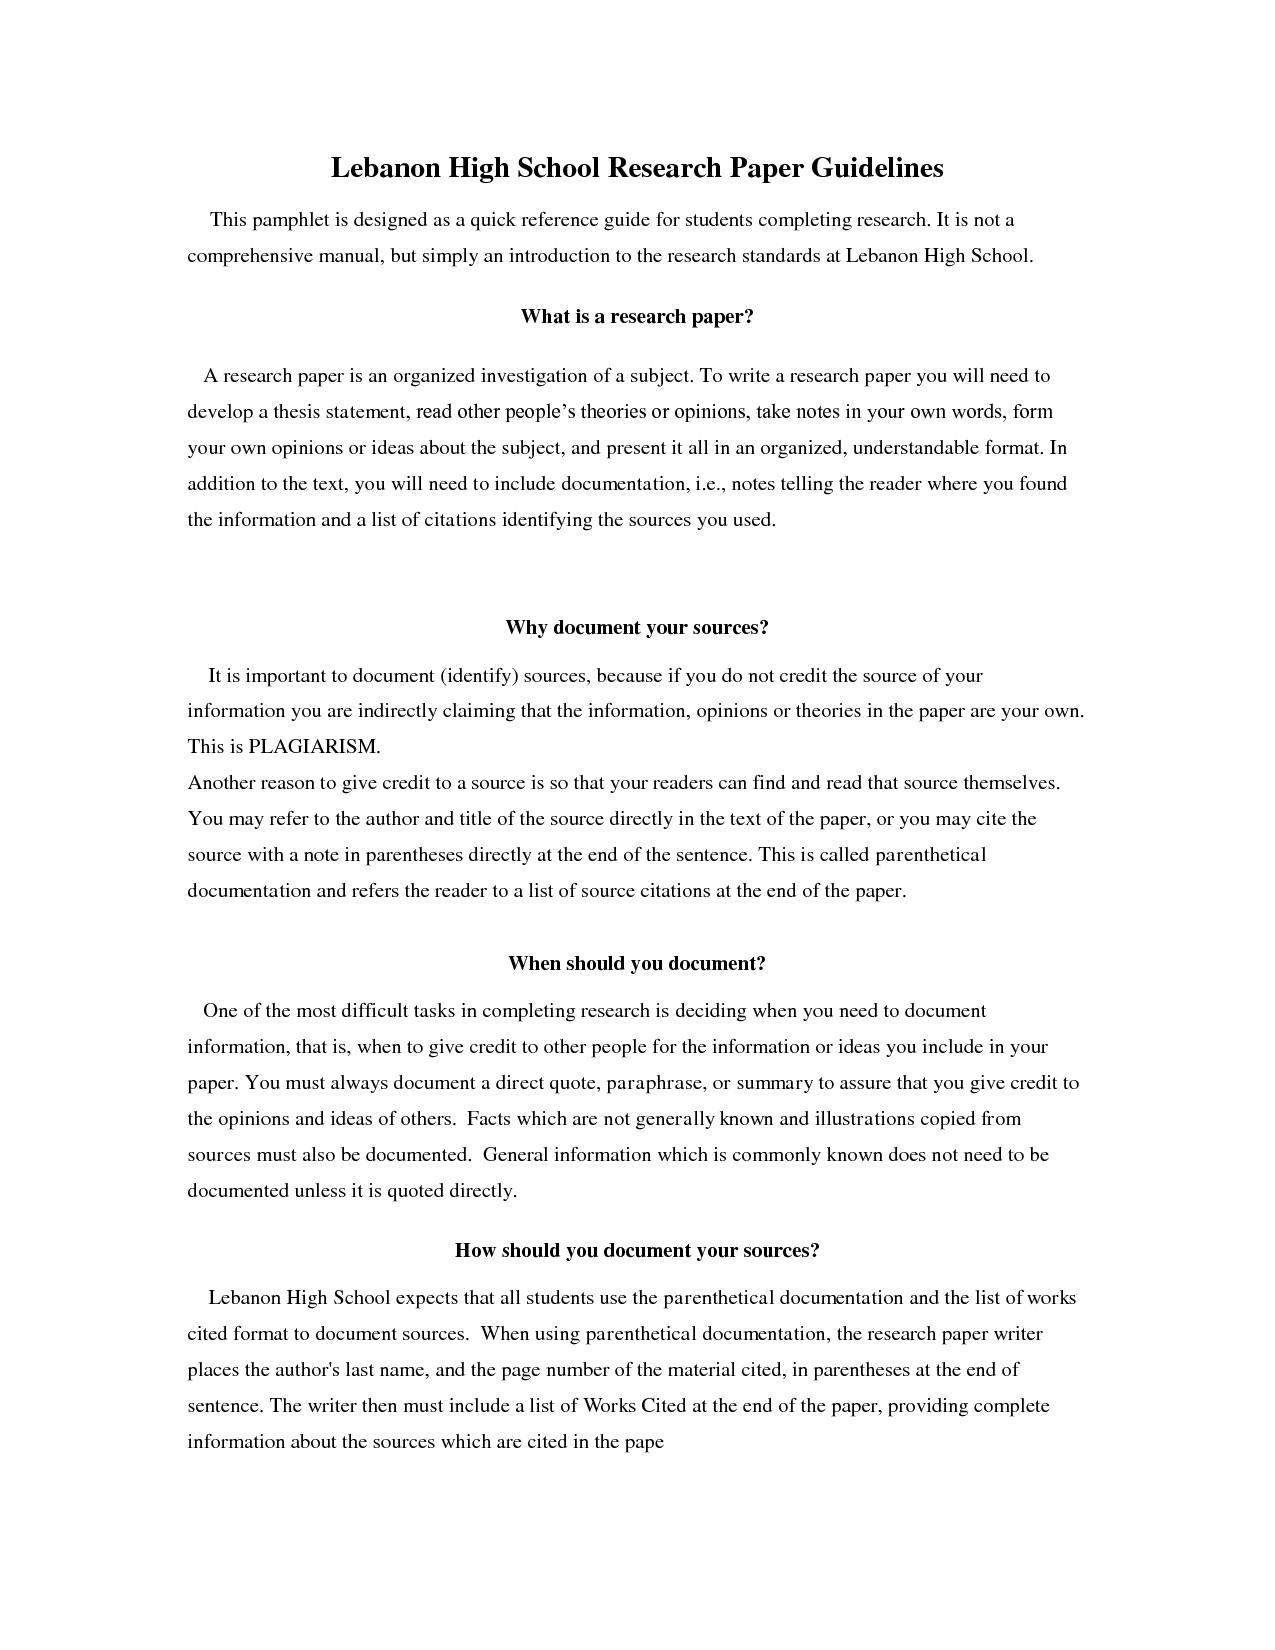 005 Us History Essay Topics Rare Ap Regents Dbq All Thematic Full